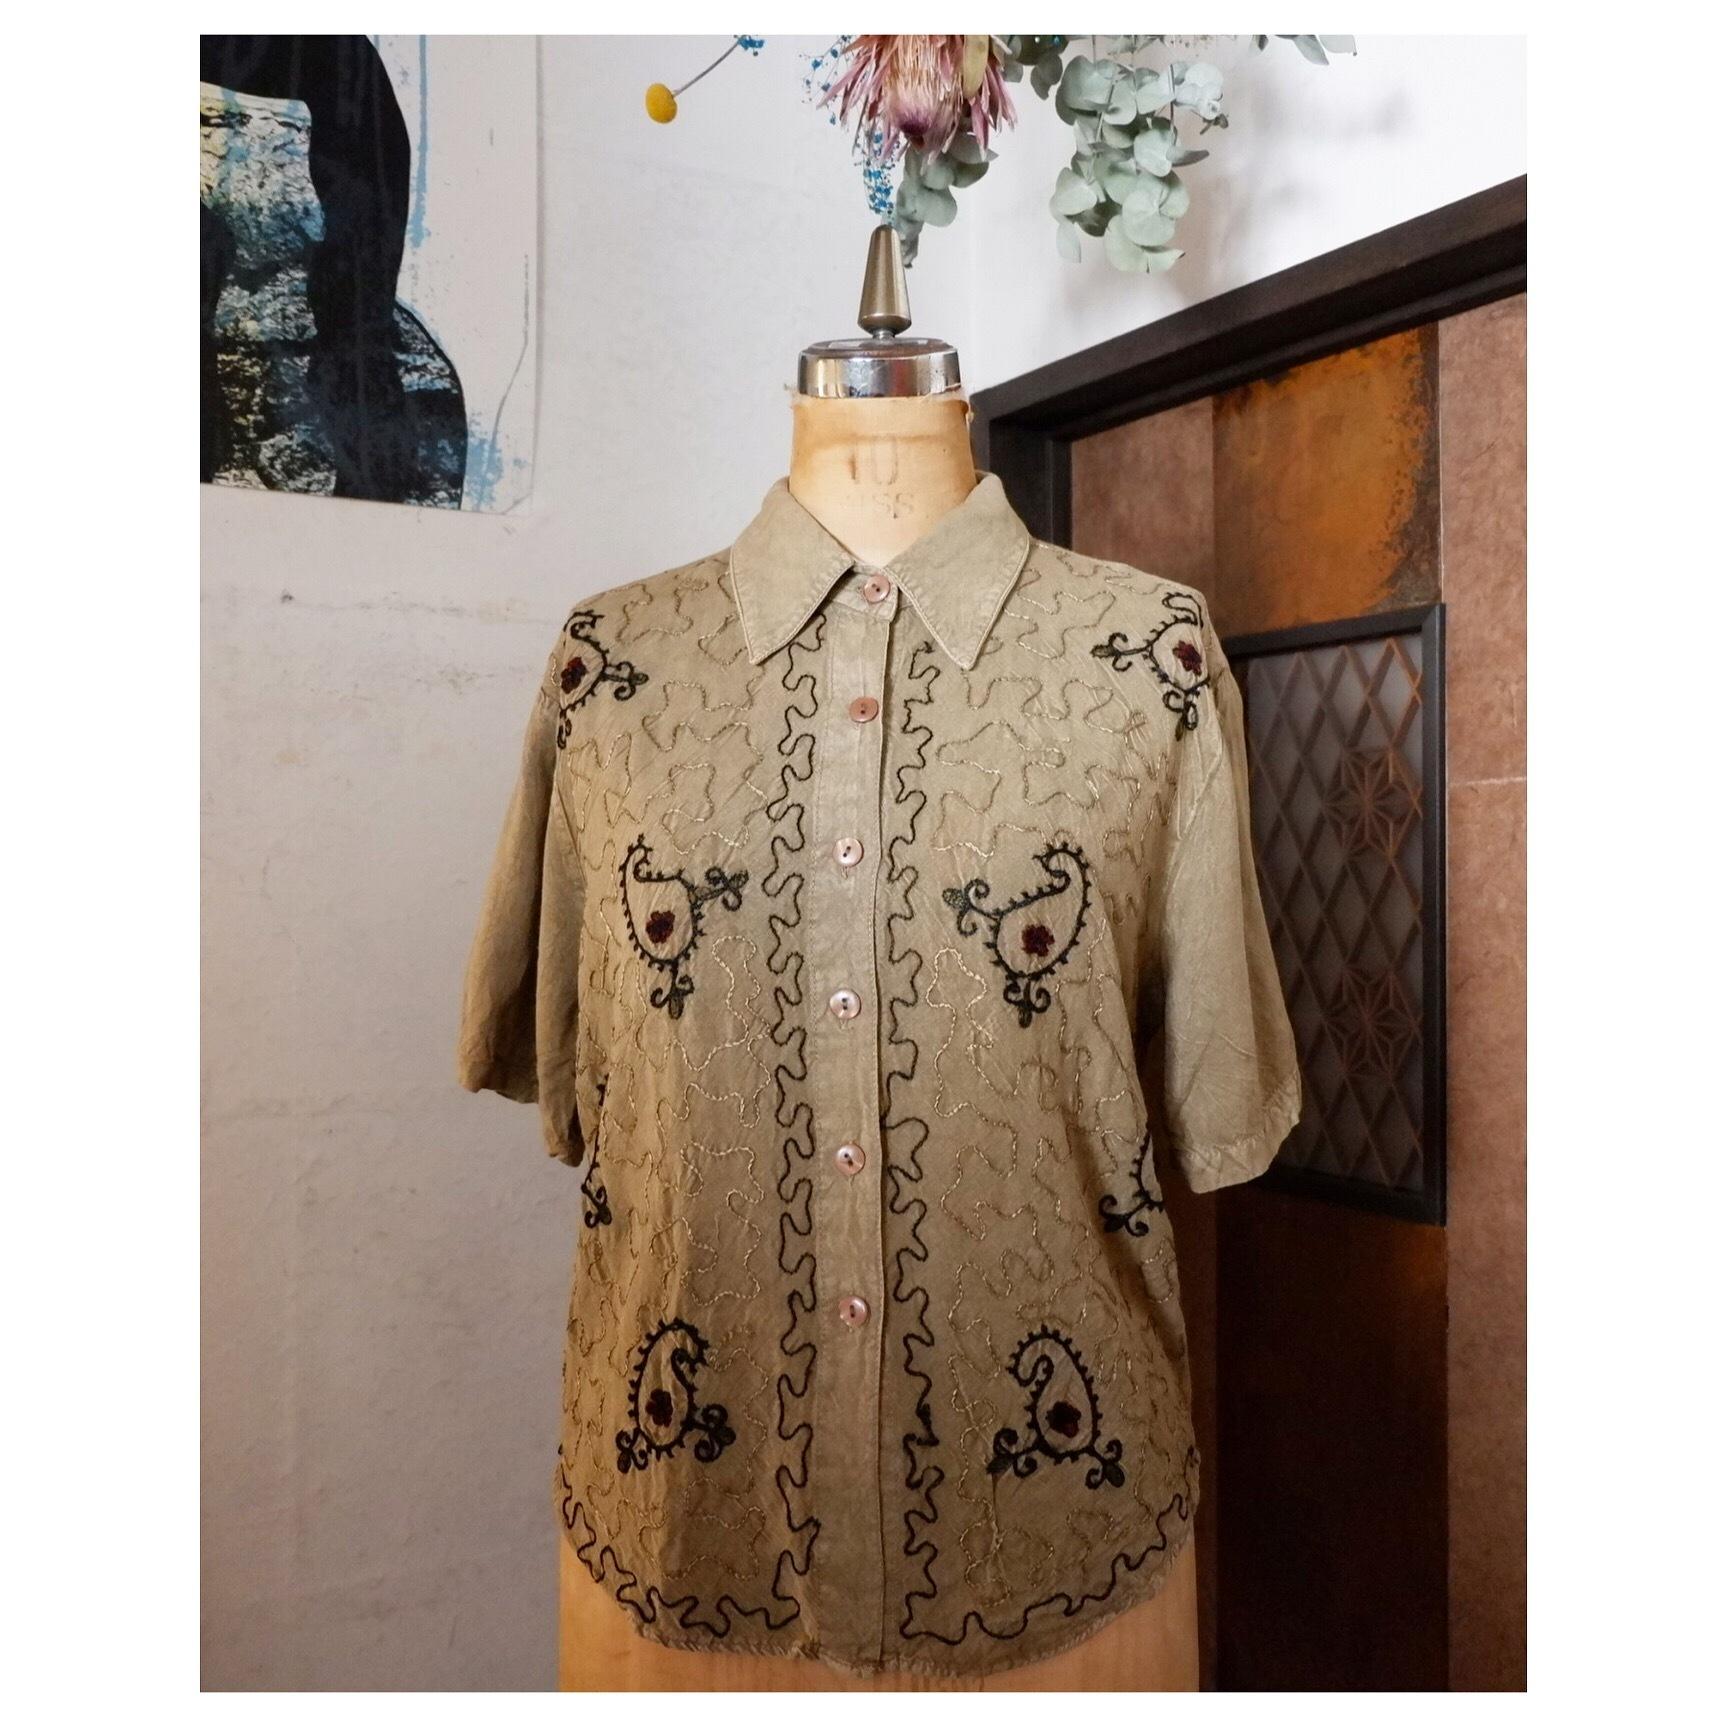 アメリカ古着 Indian rayon 刺繍 ブラウス